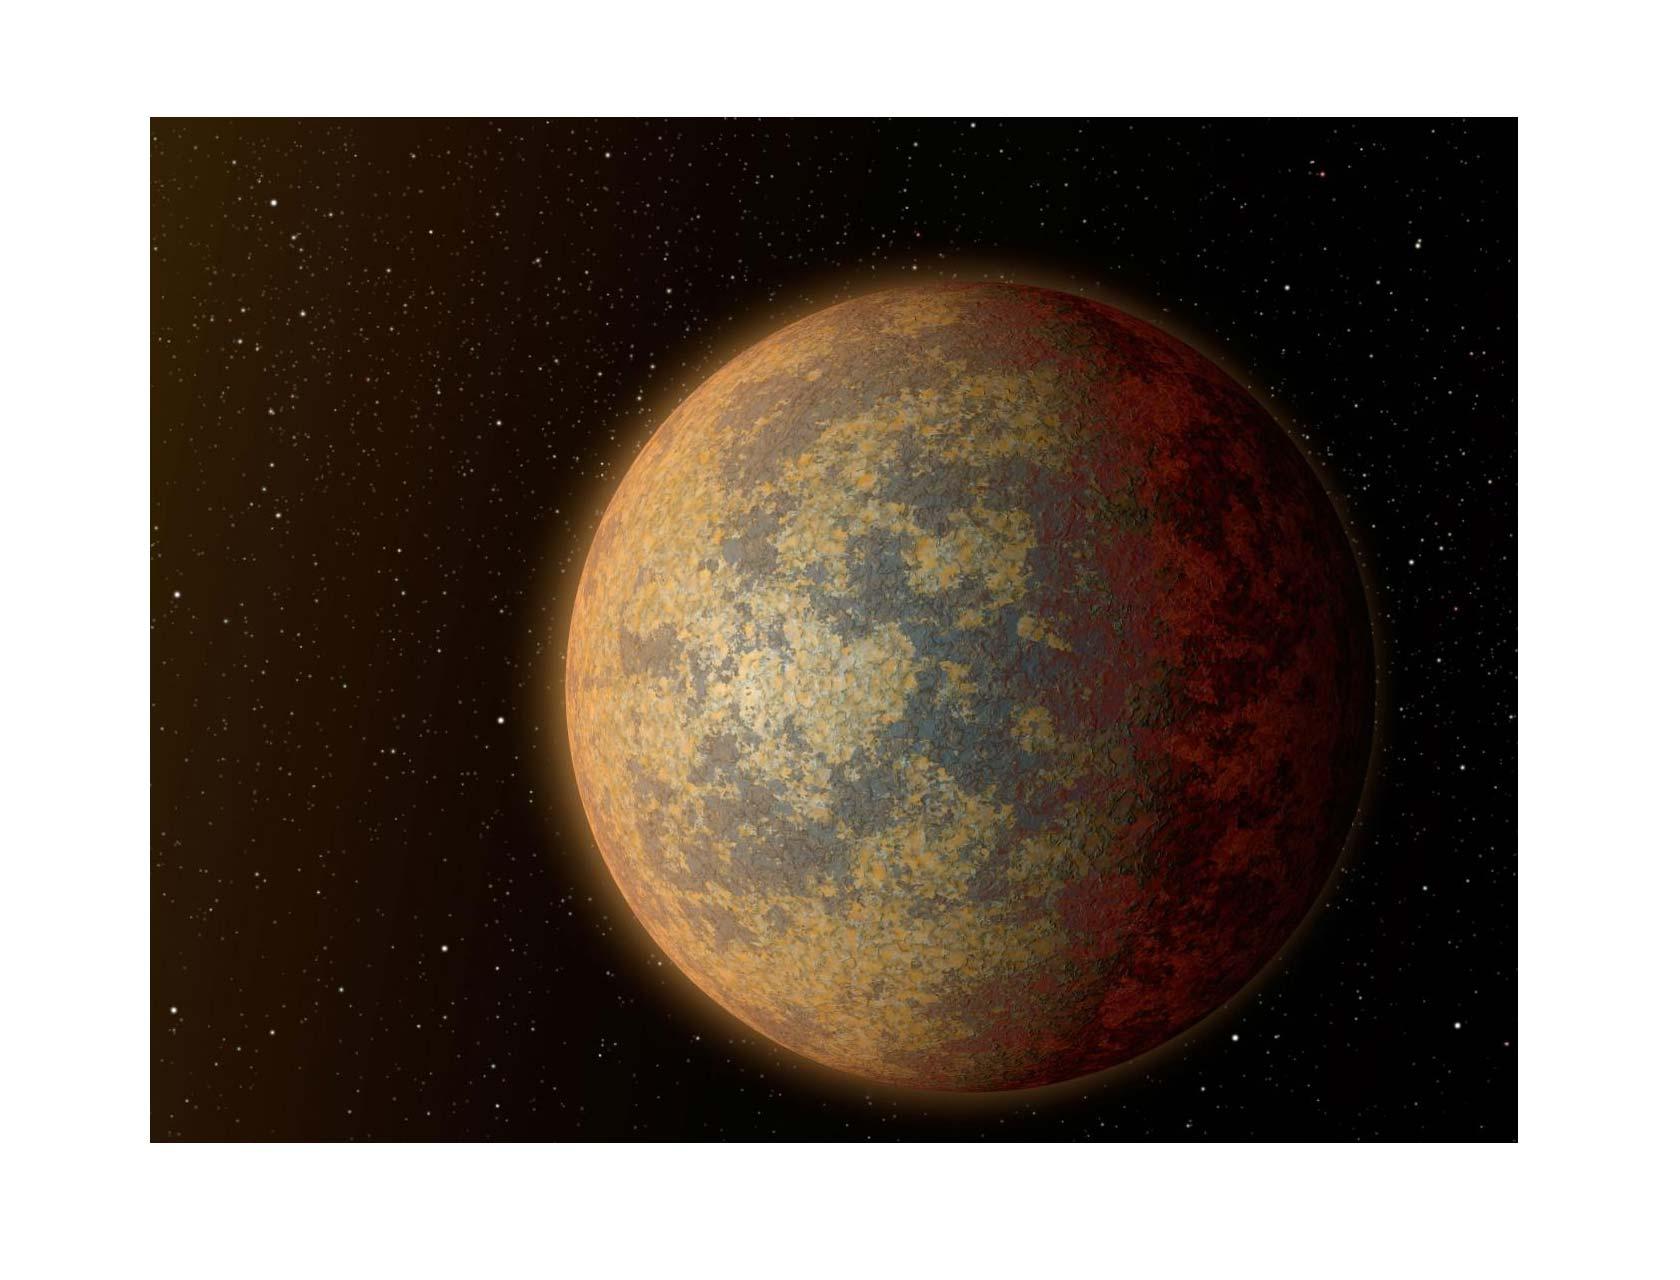 Descubrieron el cuerpo celeste habitable, fuera del Sistema Solar, más cercano a la Tierra